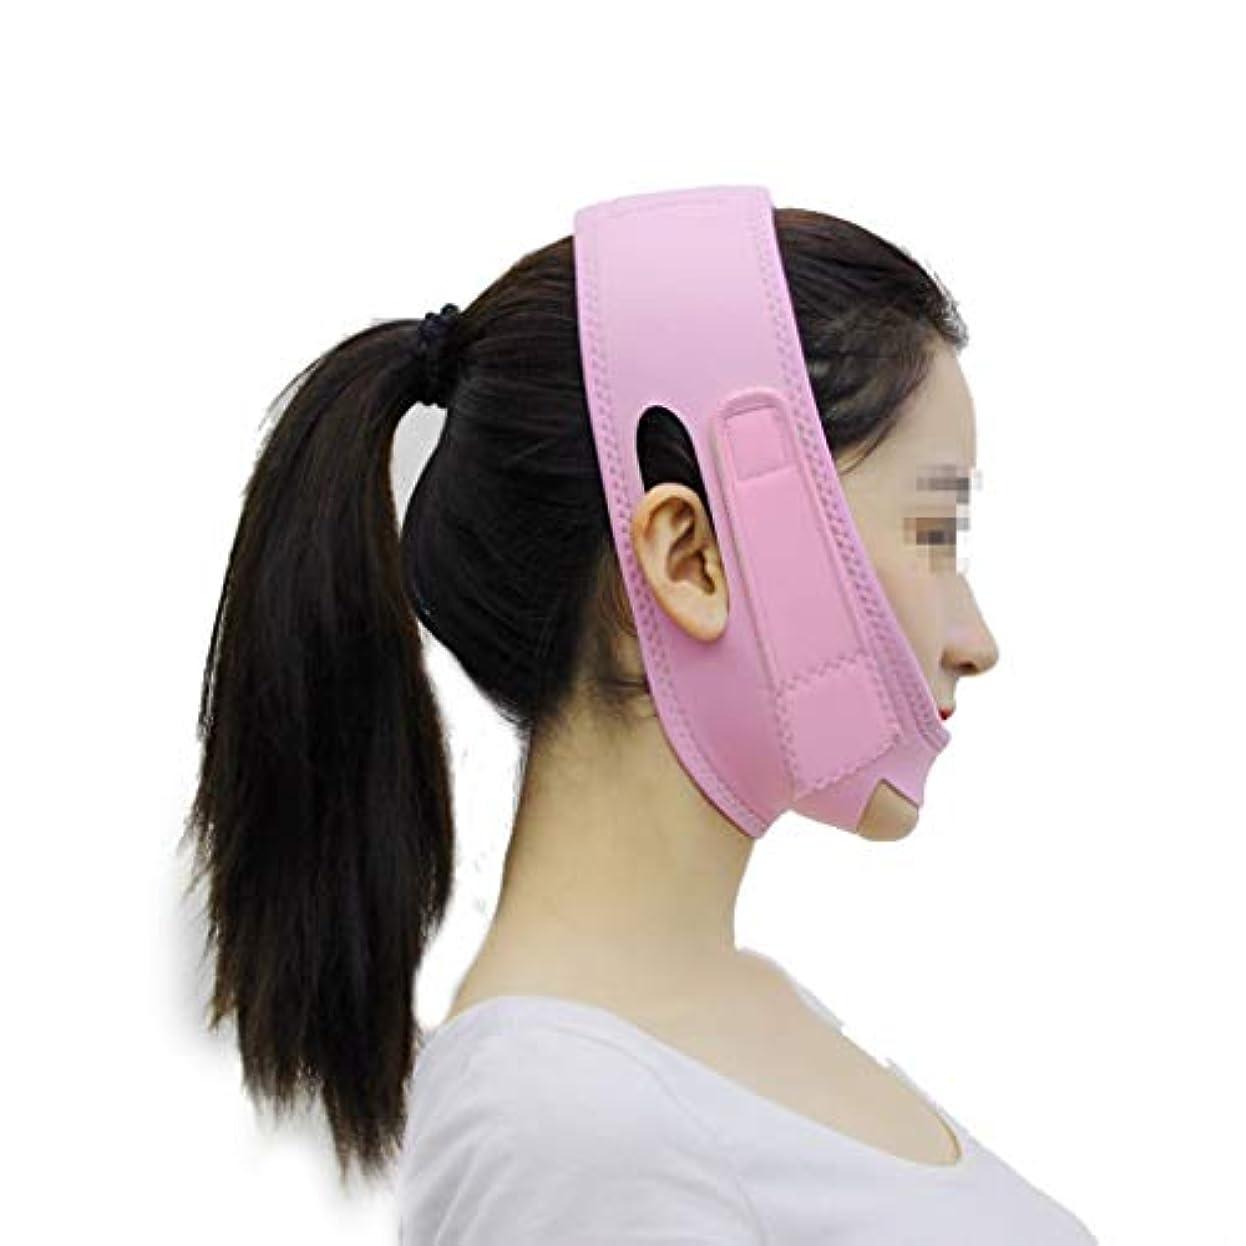 副探す食い違い寝顔マスク、線彫刻形状持ち上がる引き締めツールV顔に二重あごピンク